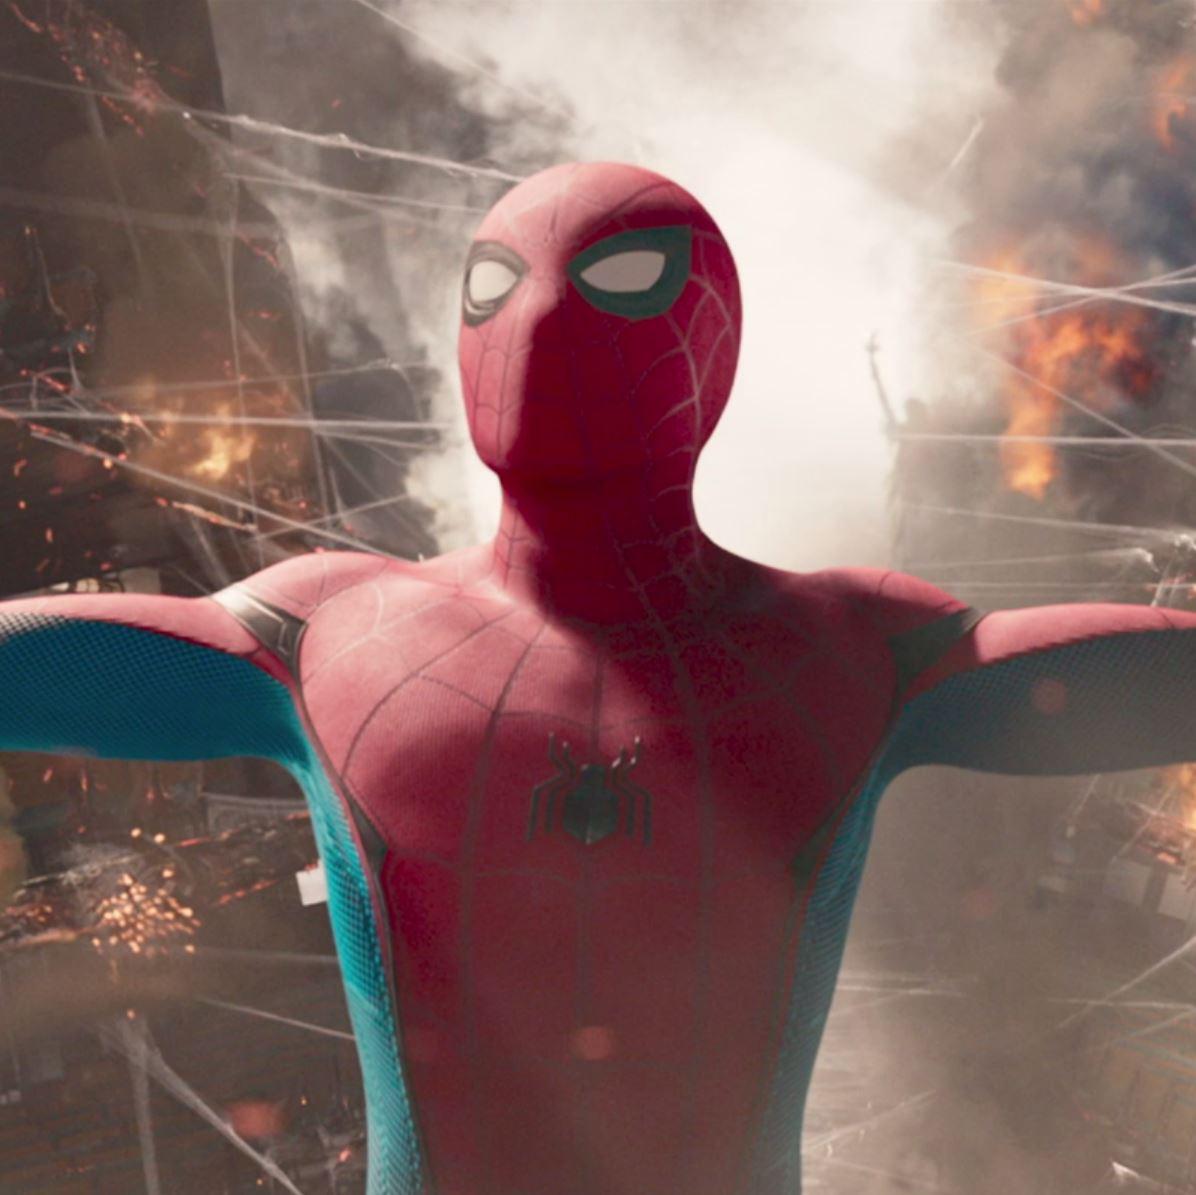 『スパイダーマン:ホームカミング』の日本語吹き替えキャストが発表!藤原啓治が再びアイアンマンの声優を務める事が決定!本作